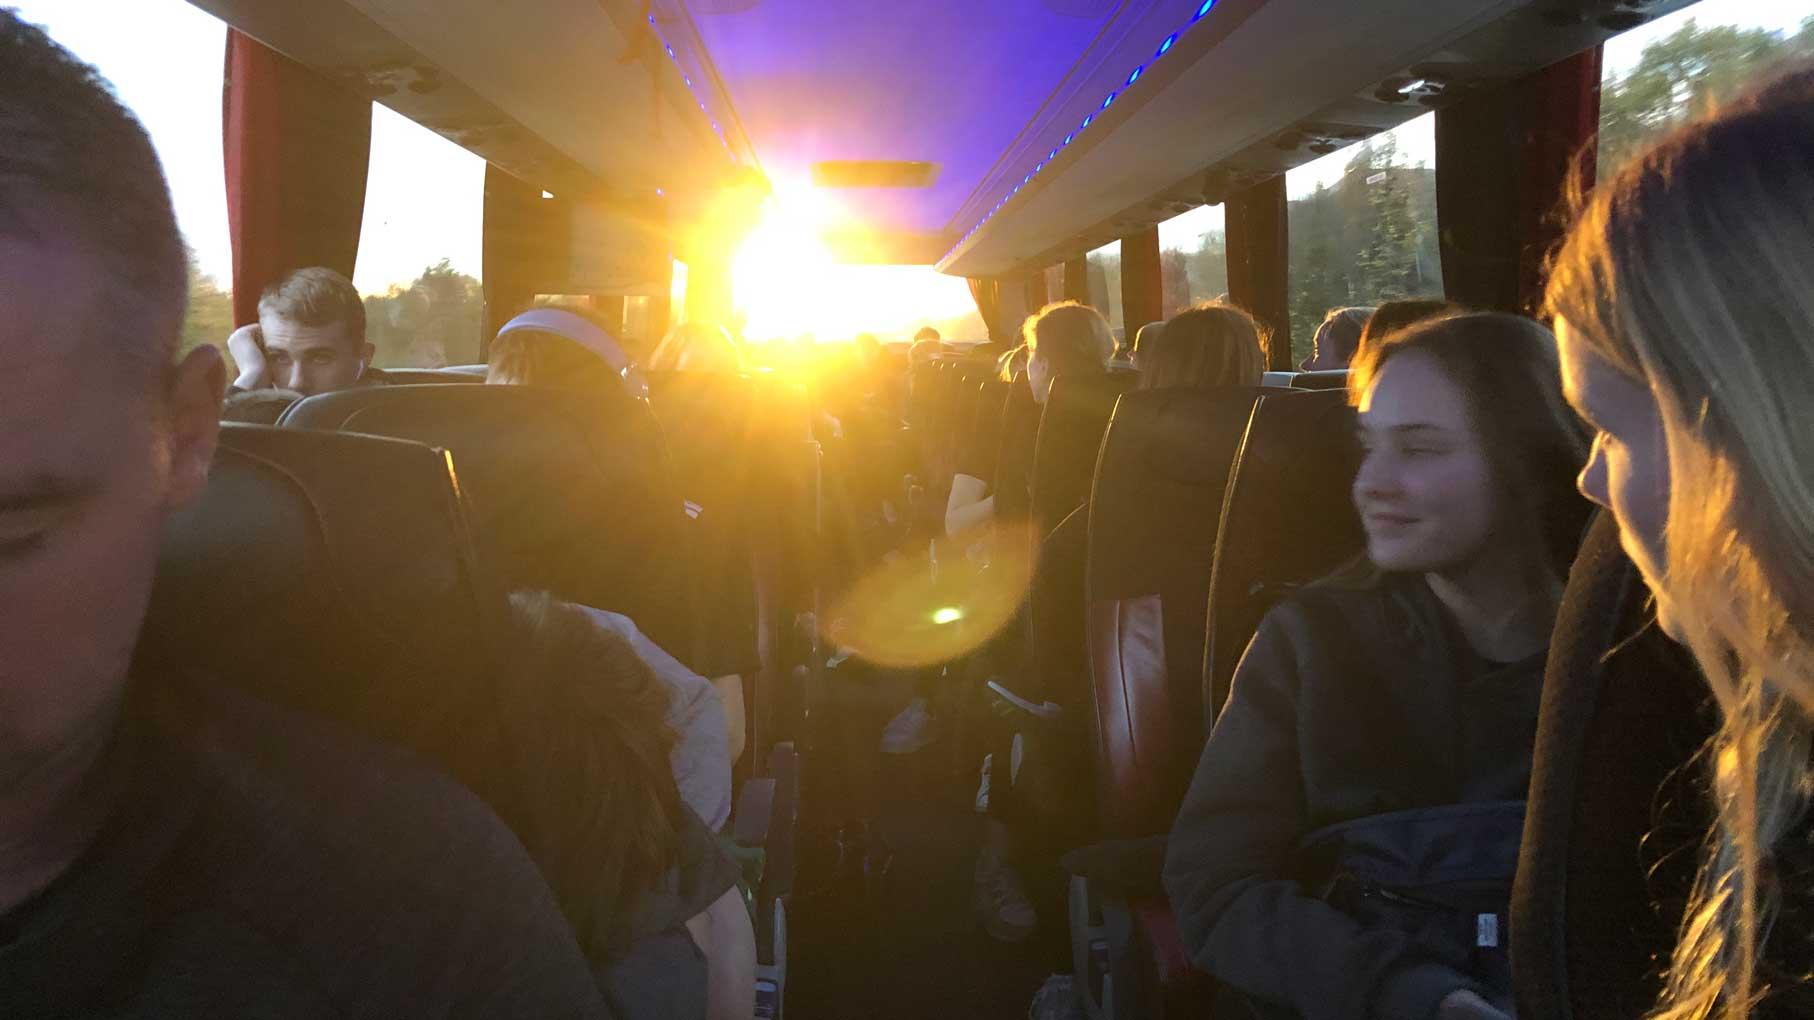 efterskoleelever i bussen